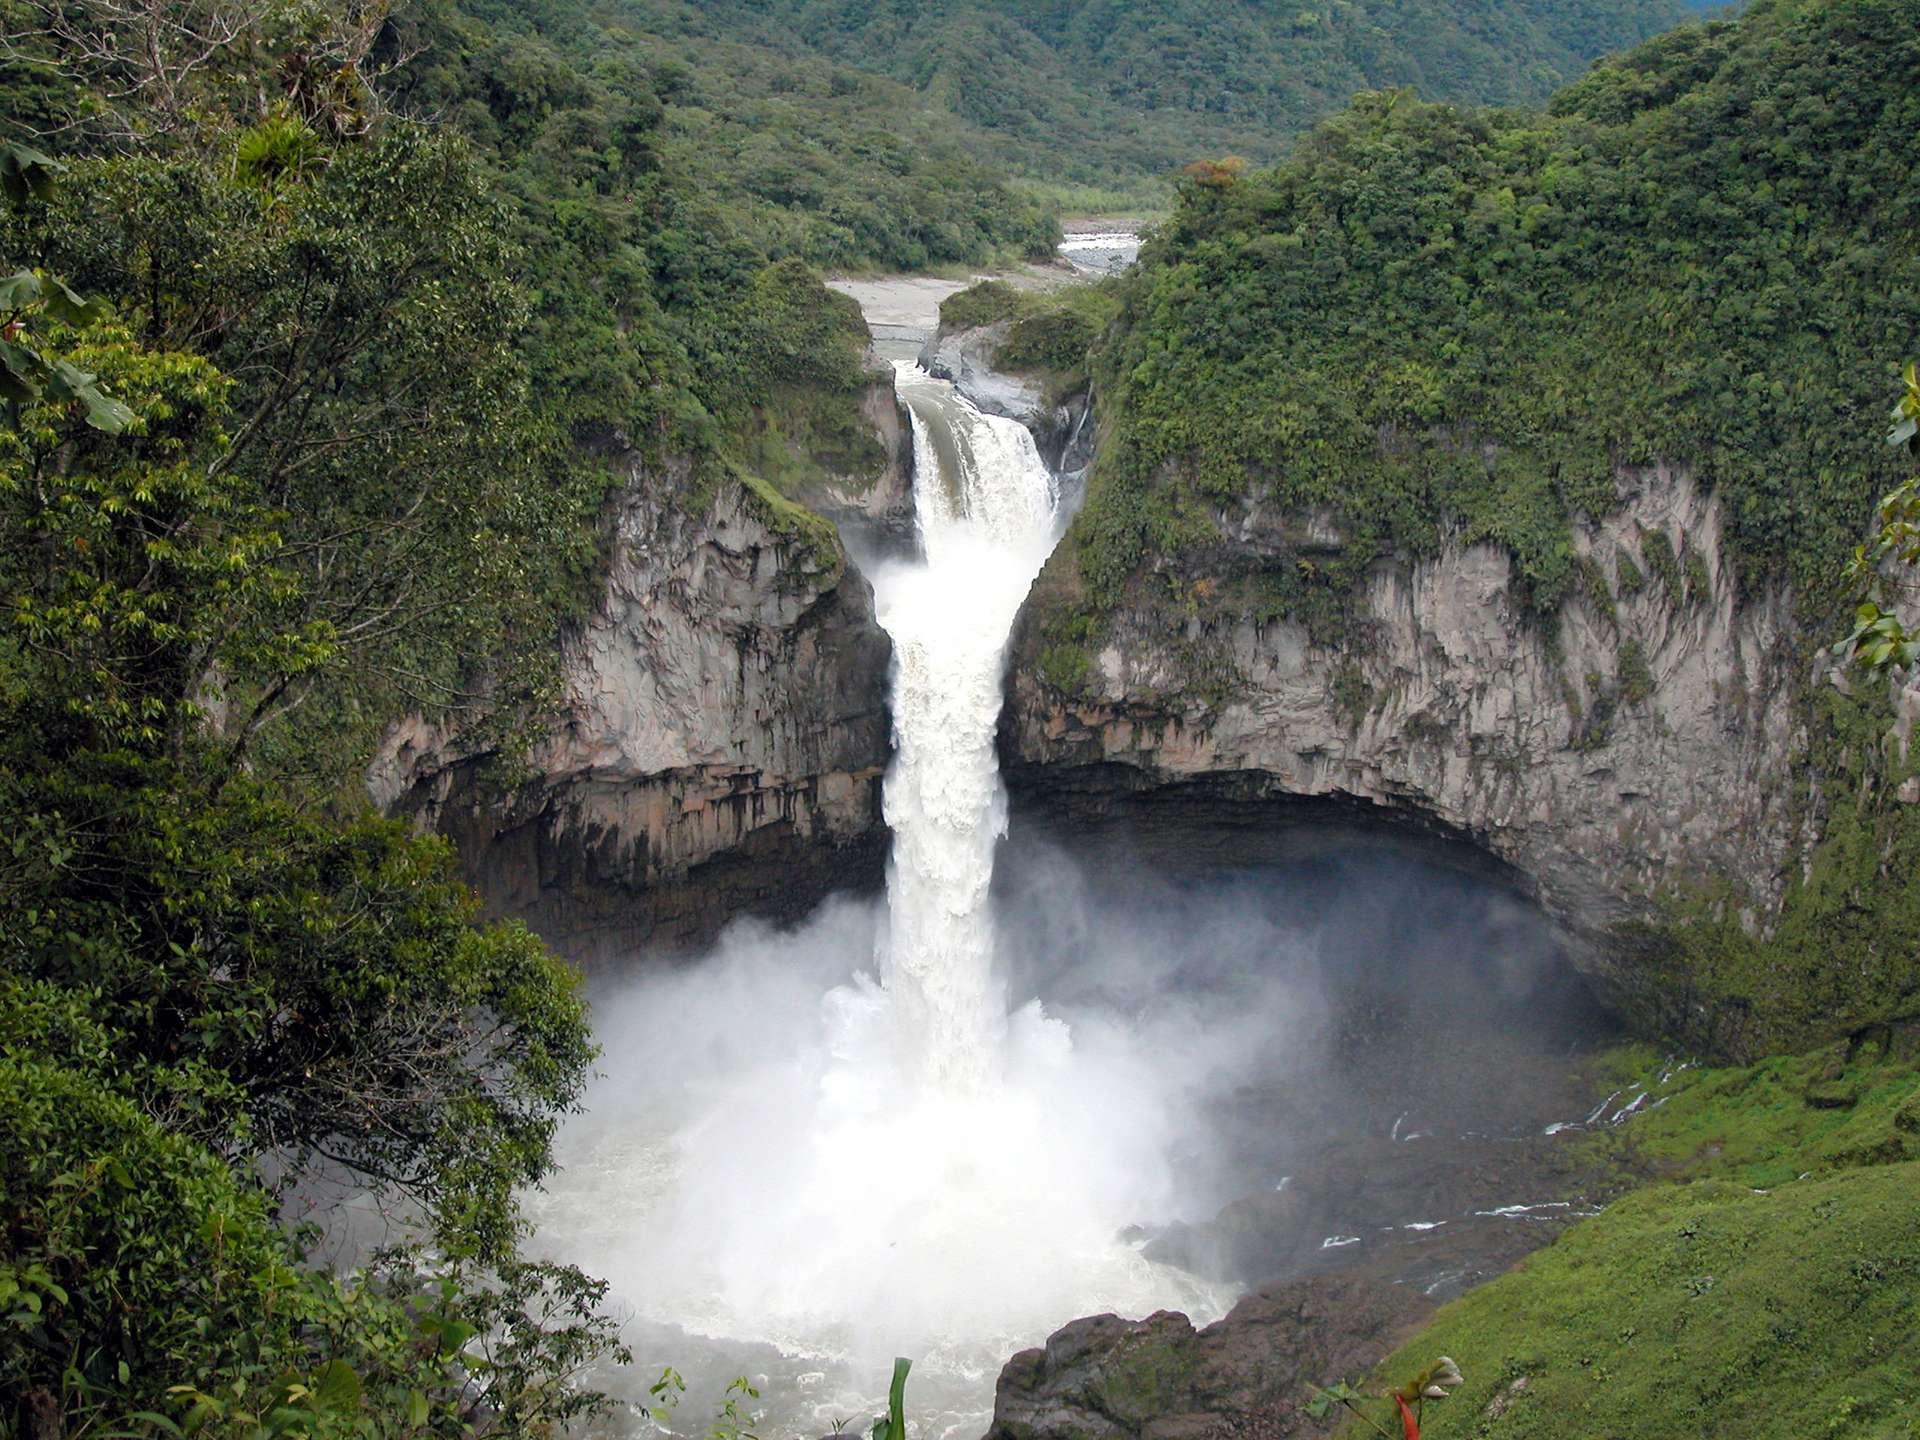 La chute de San Rafael, qui mesurait 150 mètres de haut (ici photographiée en 2012), ne forme plus que trois minces ruisseaux. La rivière a été engloutie par un immense trou juste en amont. © Ministère du tourisme de l'Équateur